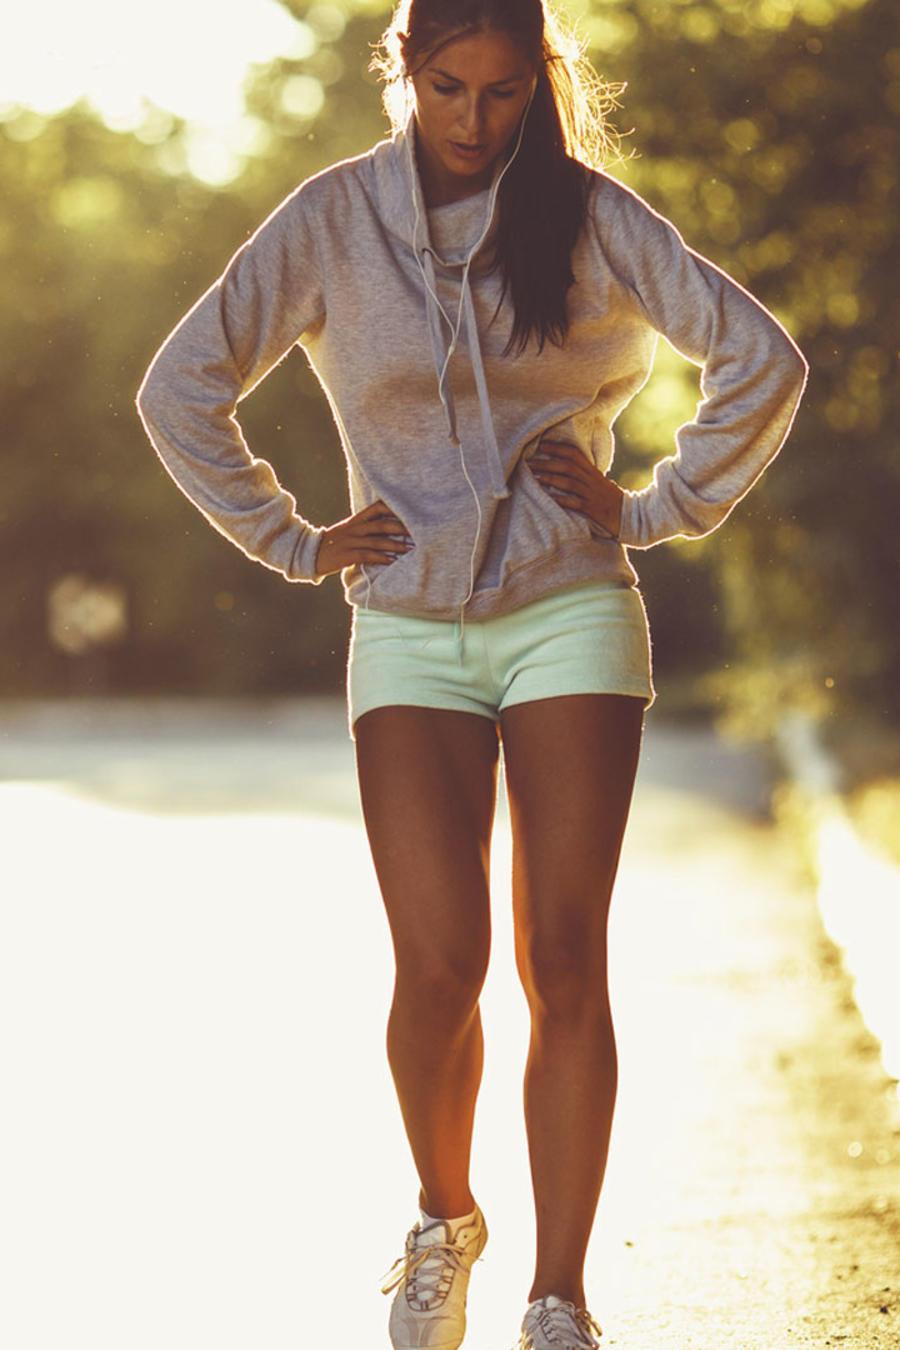 Mujer corredora exhausta en el camino